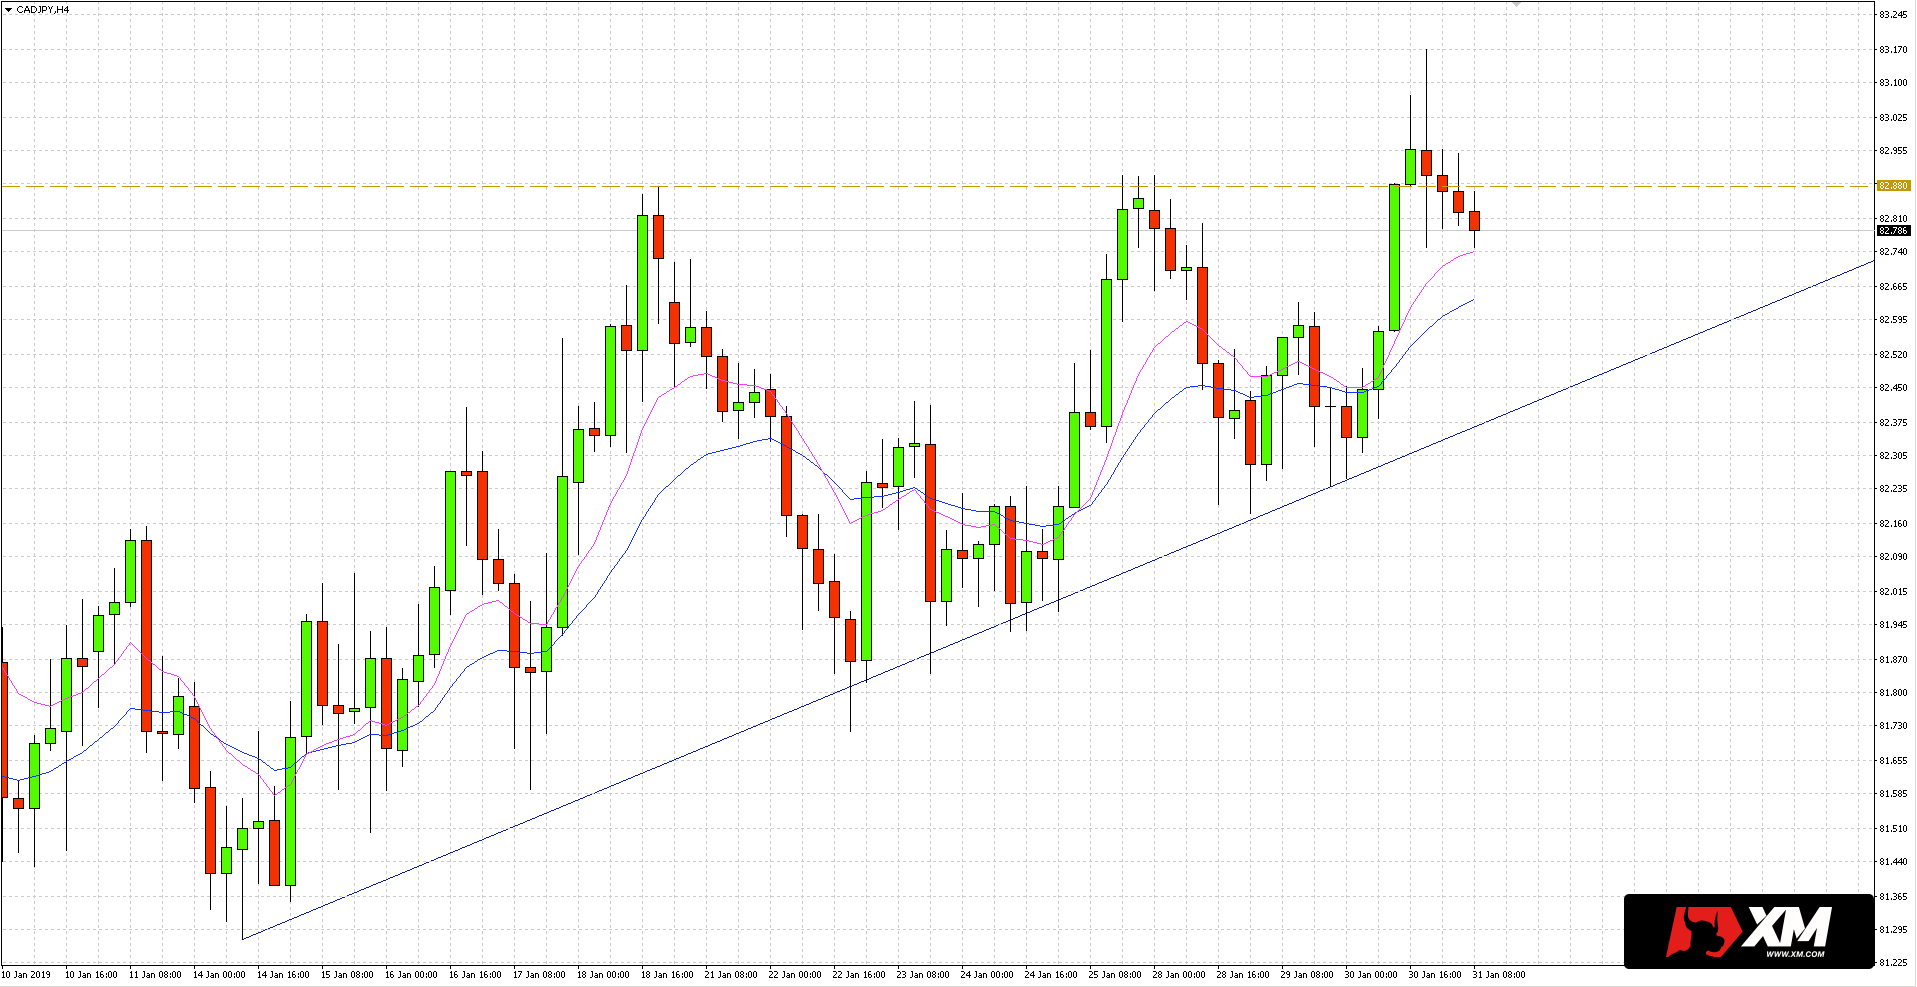 Notowania pary walutowej CAD/JPY na wykresie 4-godzinnym poruszają się w krótkoterminowym trendzie wzrostowym